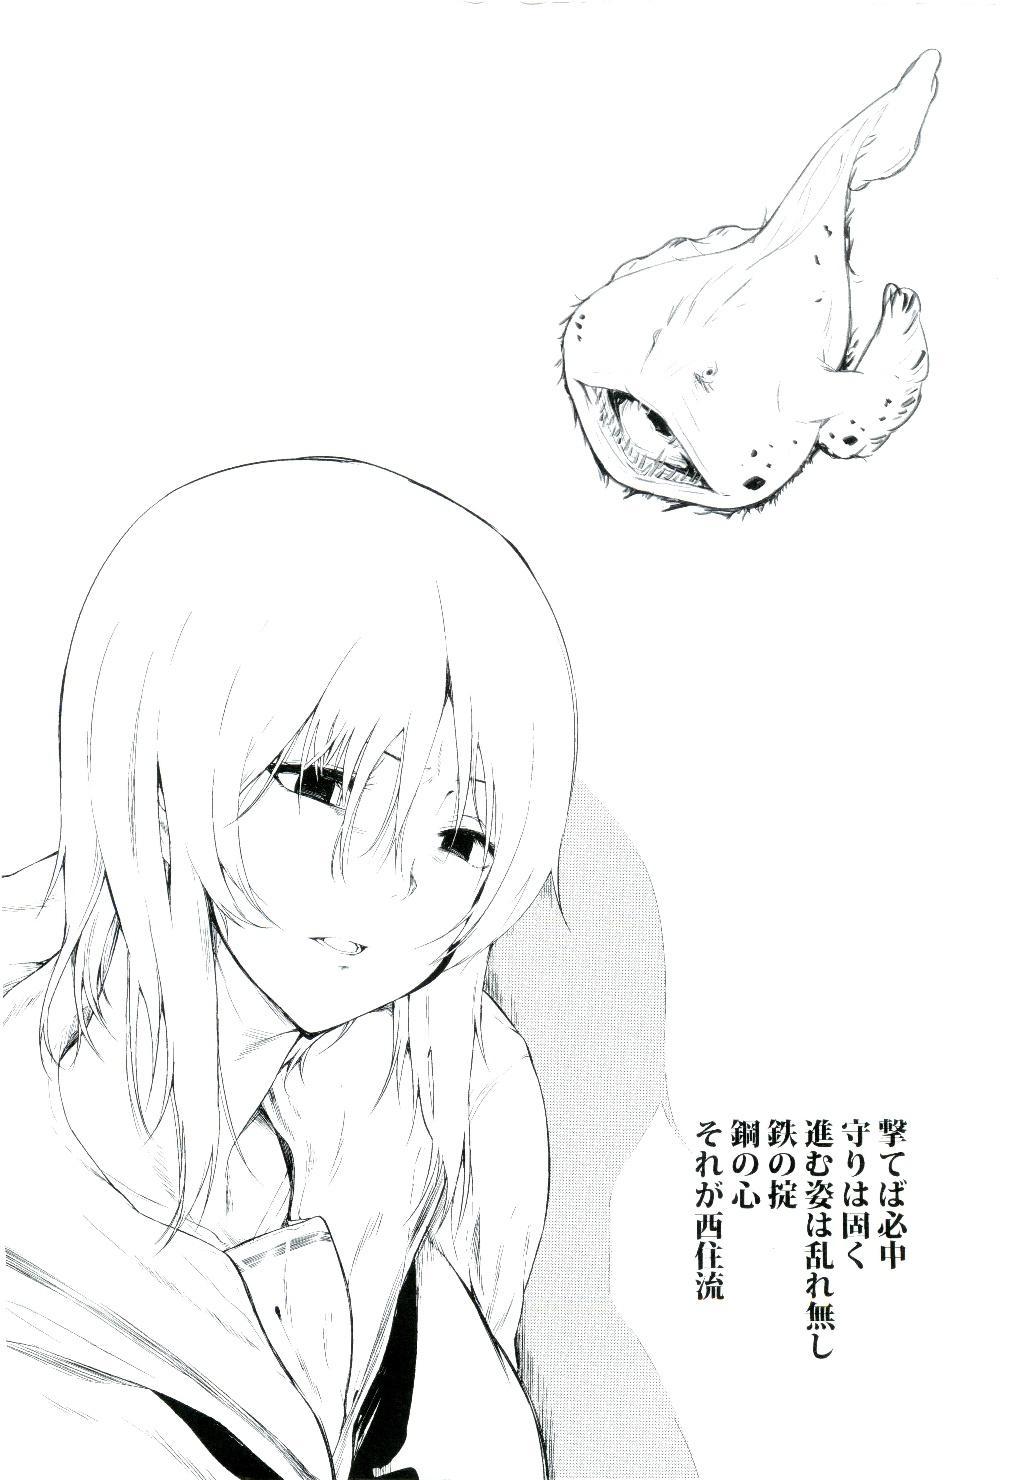 Daiji na koto wa koko ni Tsumatte Iru 1